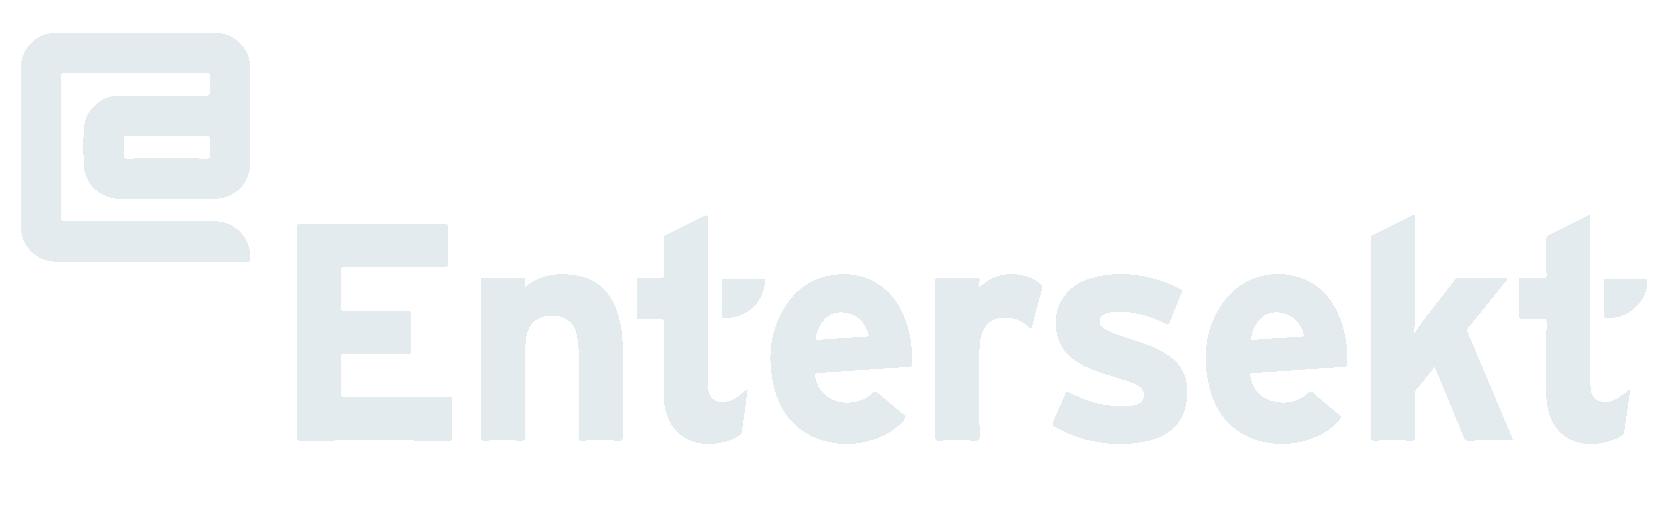 Entersekt logo. Entersekt uses OfferZen to source developers.